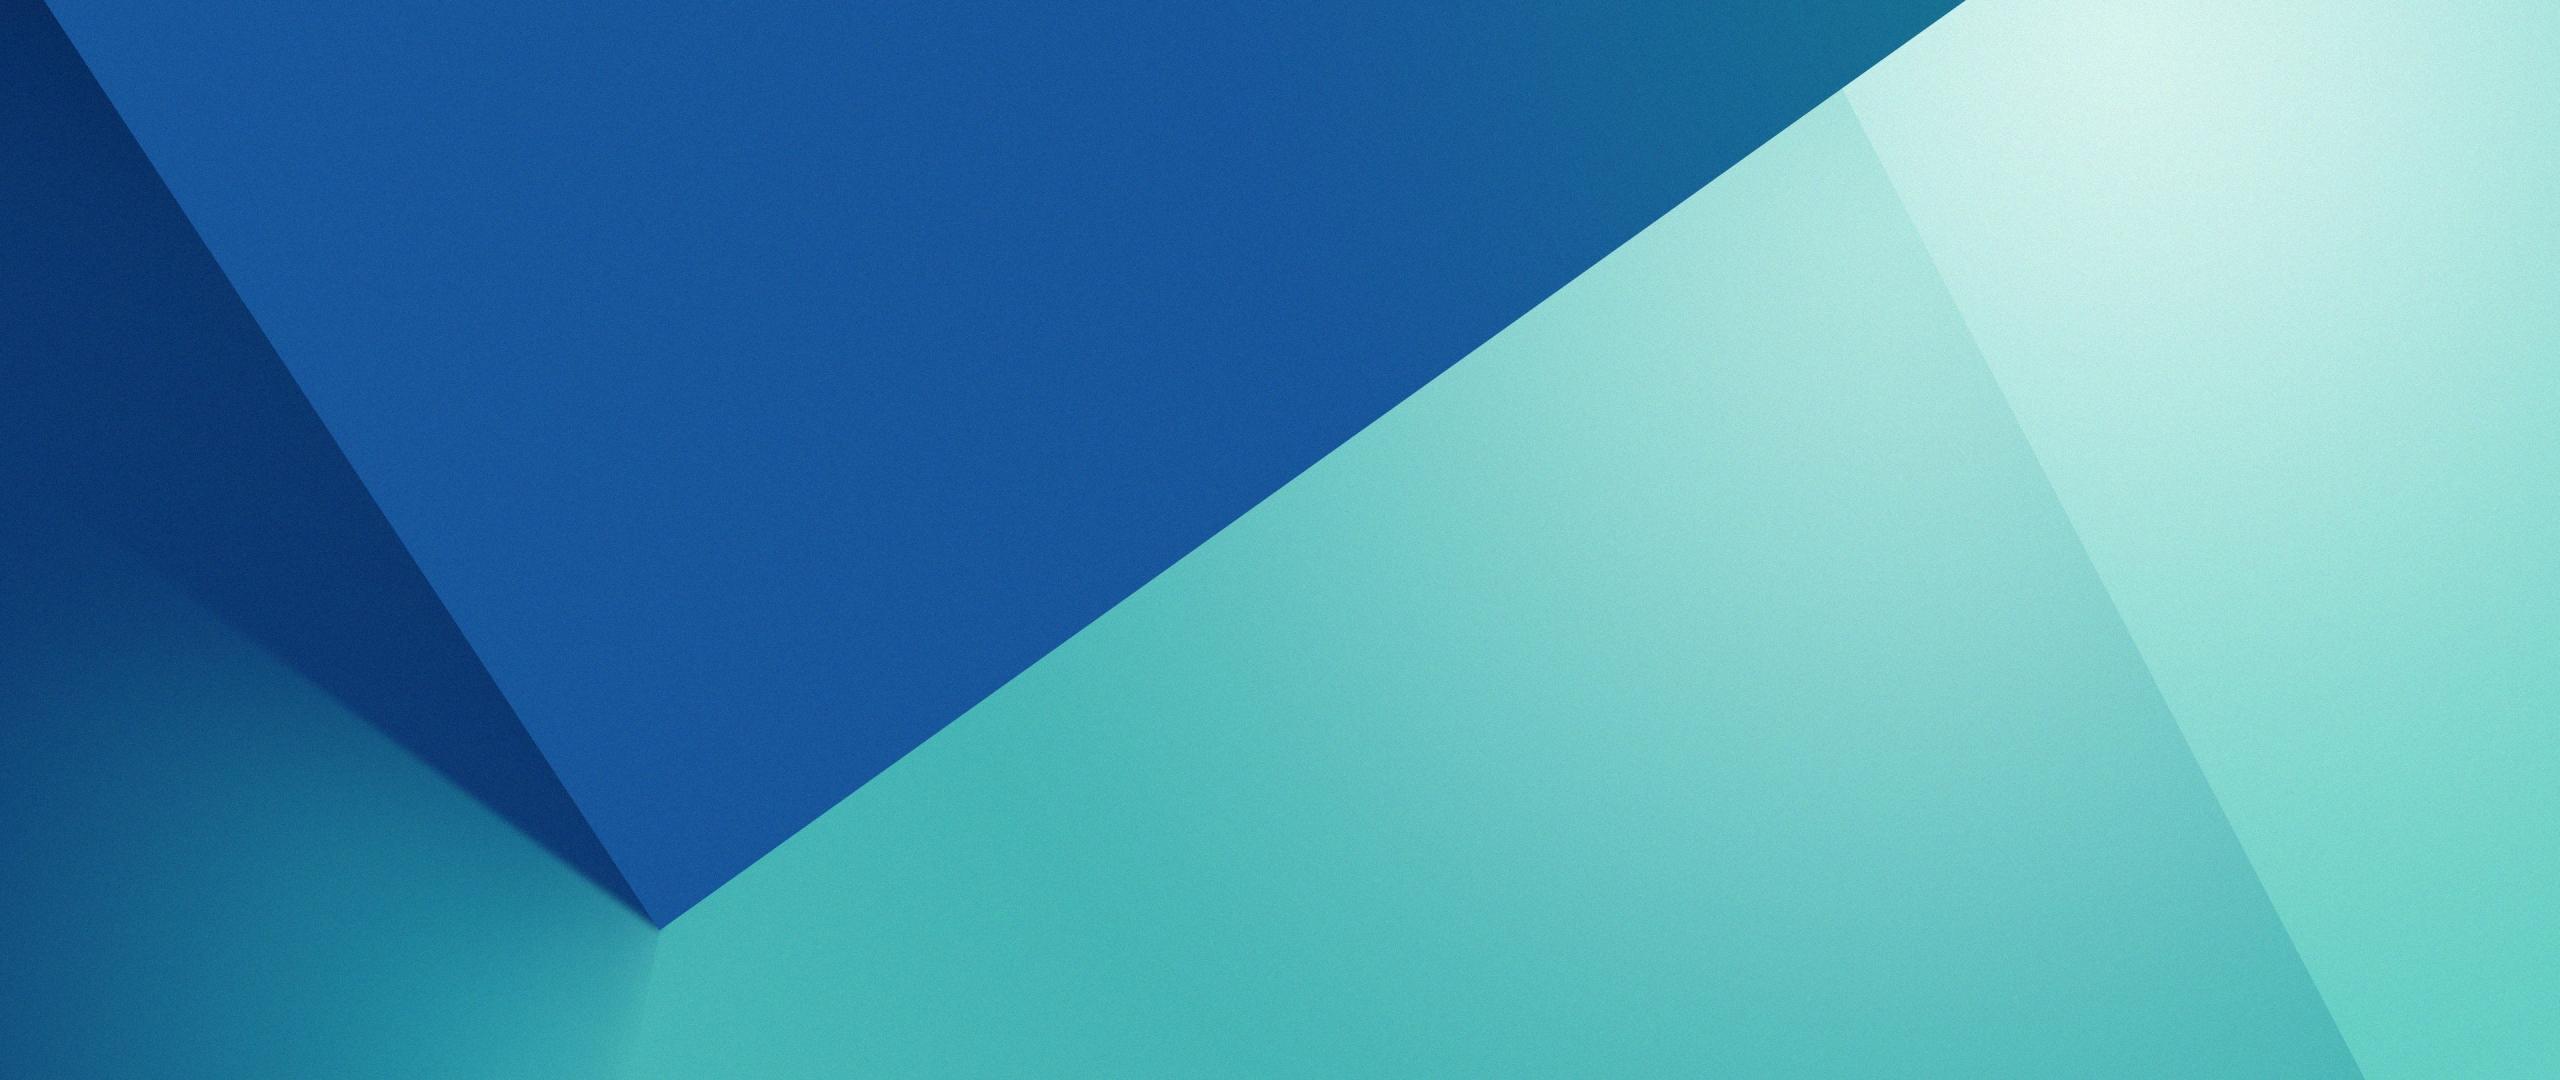 Material design stock hd 4k wallpaper for Material design wallpaper 4k